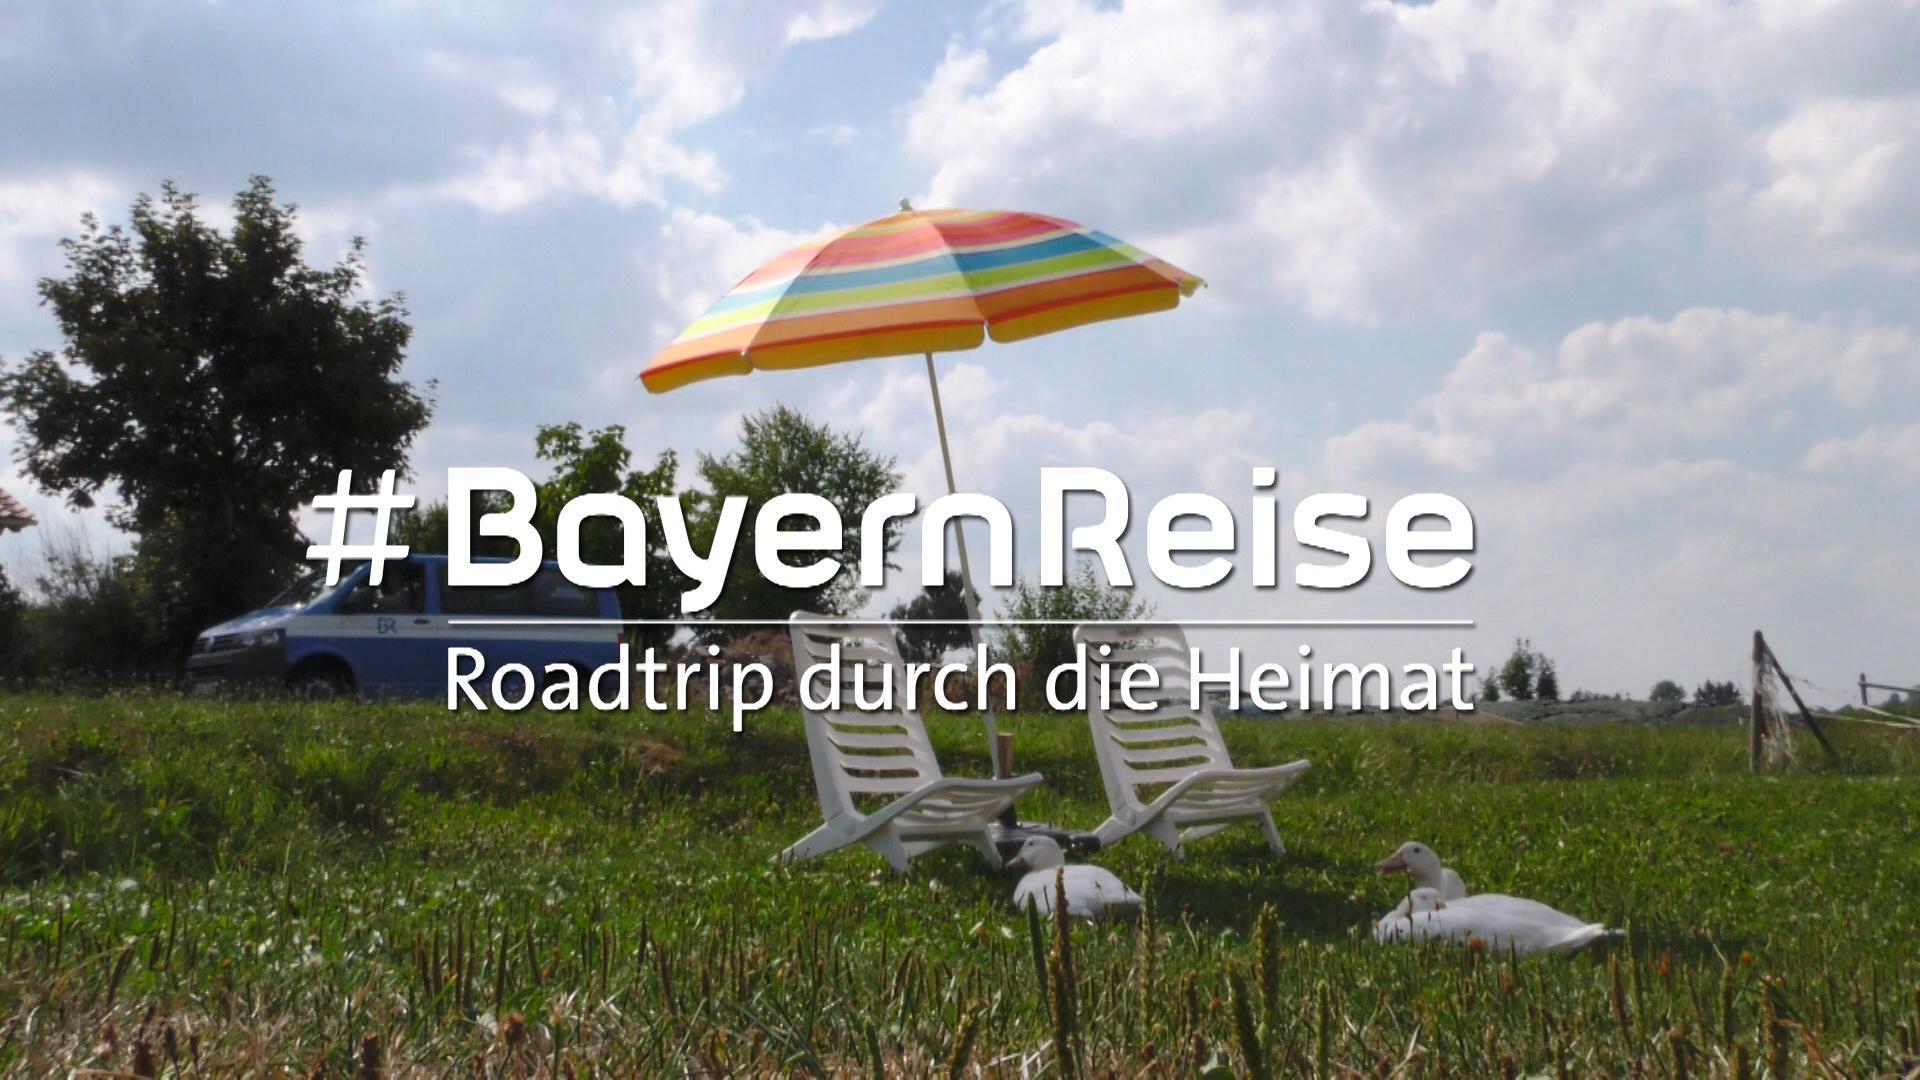 #BayernReise: Roadtrip durch die Heimat